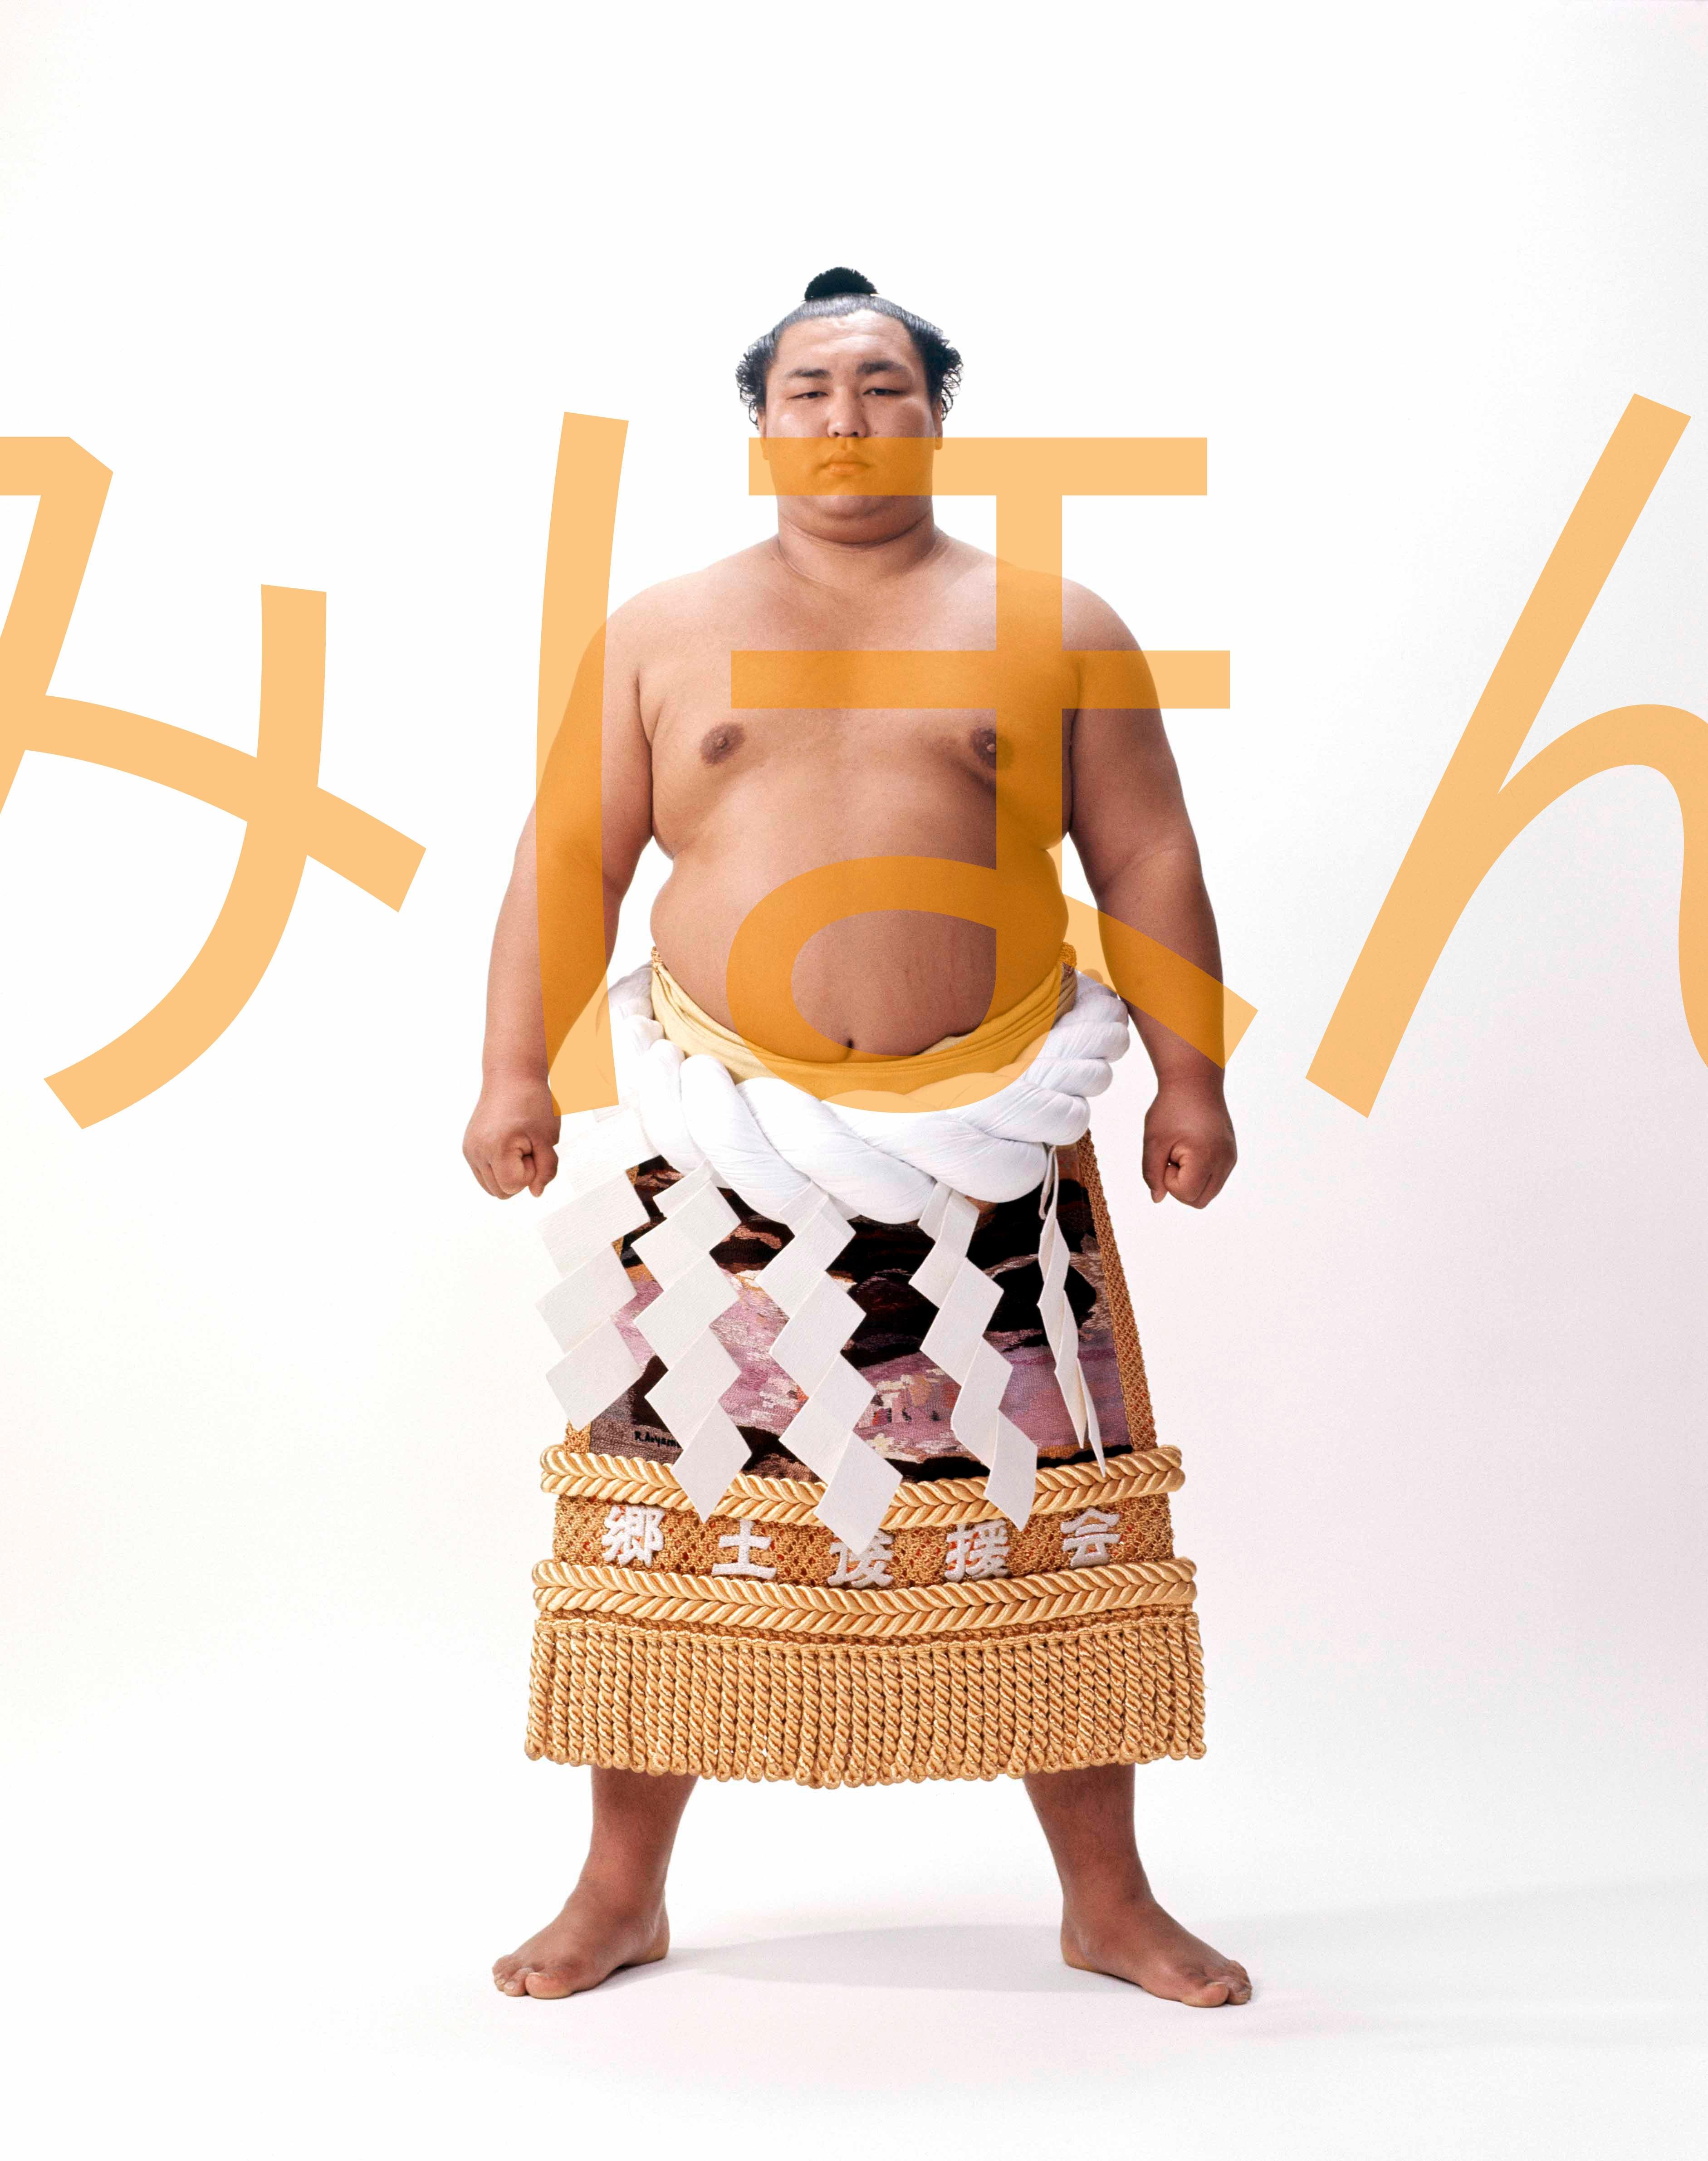 昭和51年11月場所優勝 横綱 北の湖敏満関(7回目の優勝)